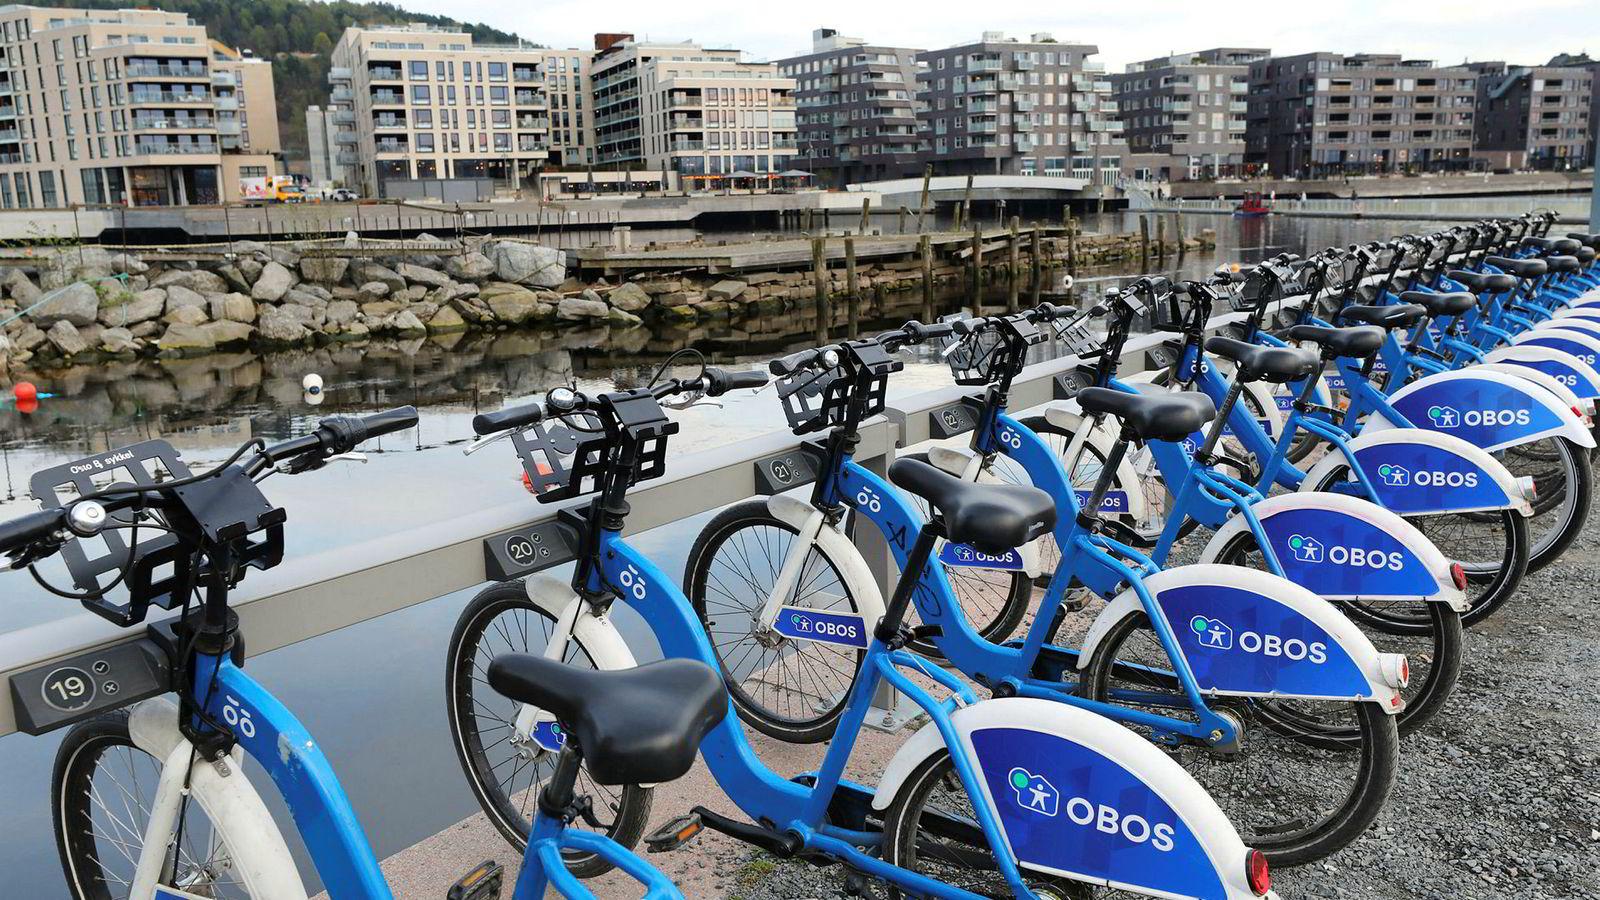  100.000 mennesker har syklet nesten tre millioner sykkelturer i år. Bysykkelen er ett av flere viktige bidrag til å redusere den alvorlige luftforurensningen i Oslo.